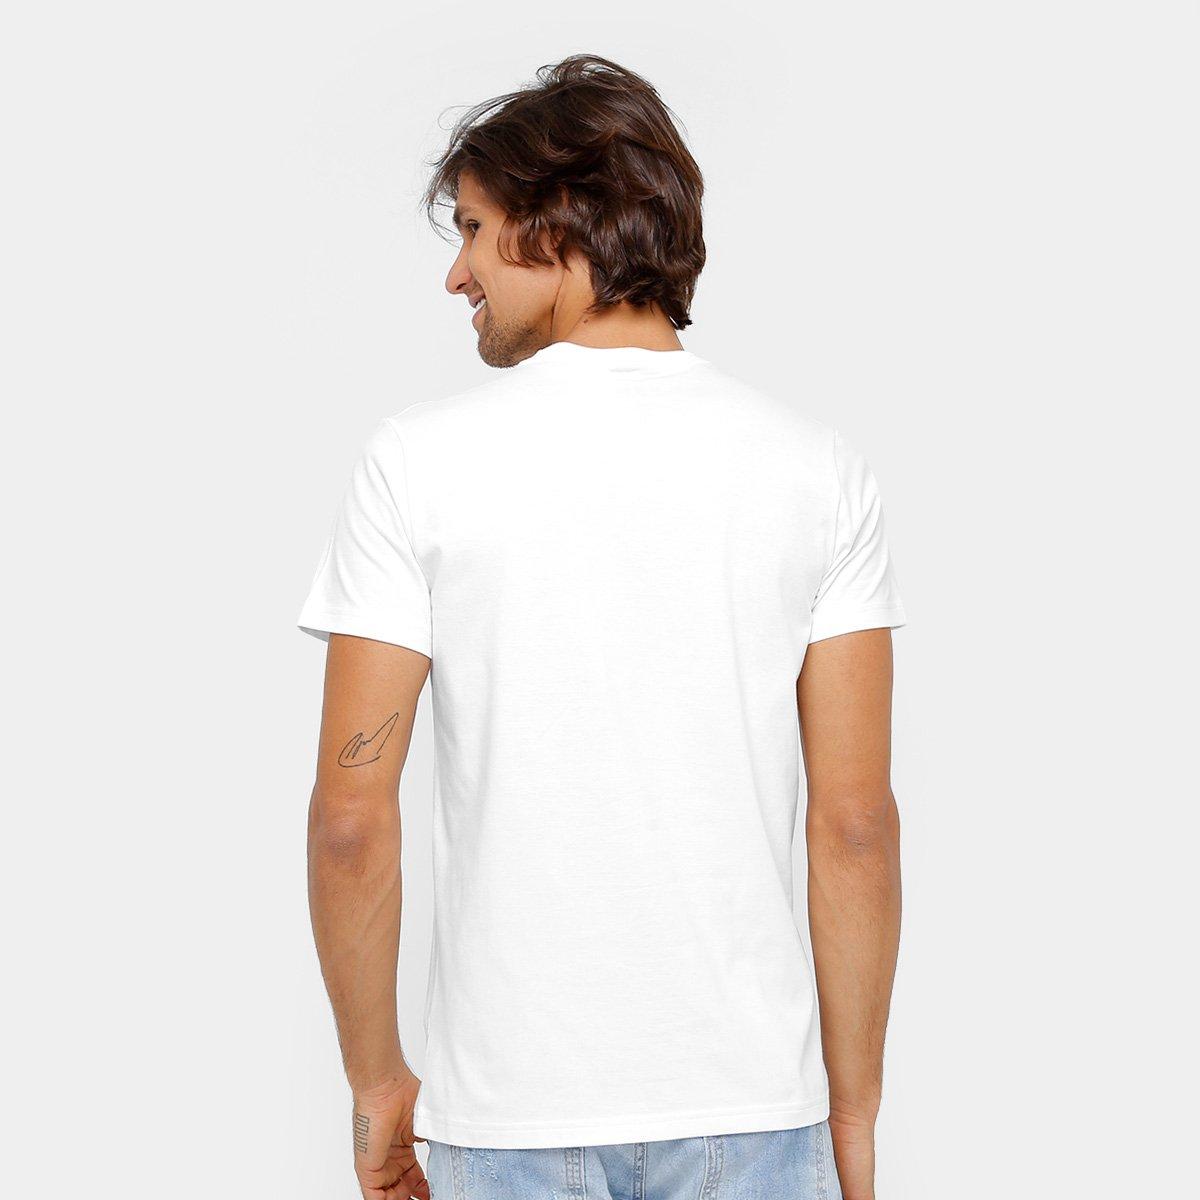 Camiseta Adidas Badge Masculina  Camiseta Adidas Badge Masculina ... 28bef4fca76